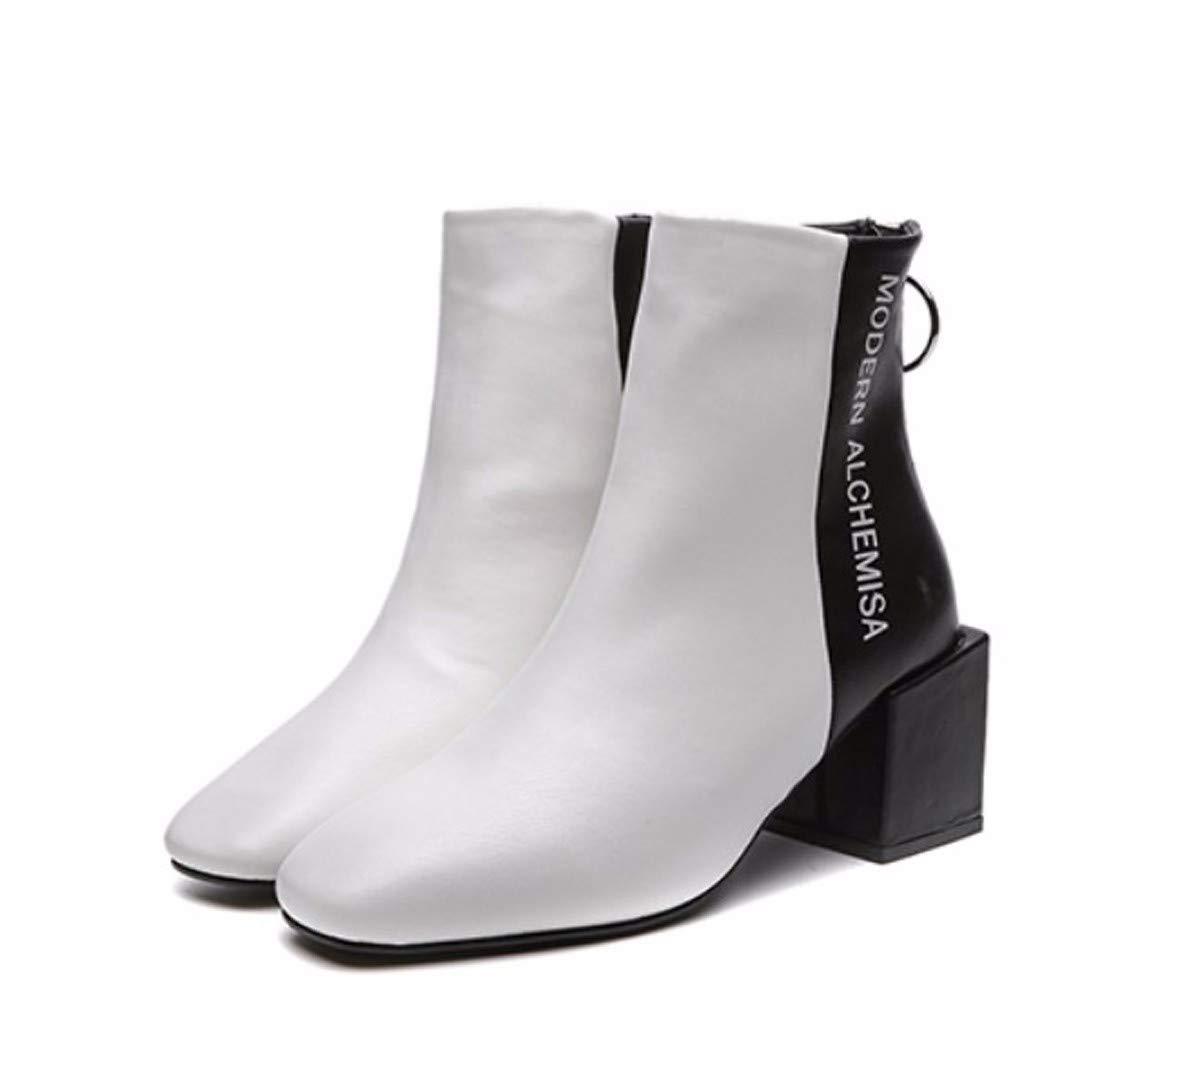 LBTSQ Fashion Damenschuhe Nahe Bei Martin Stiefel Heel 6 cm Schwarze Und Weiße Farbe Platz Ferse Samt Platz Kopf Dicke Sohle Zurück Auf Los